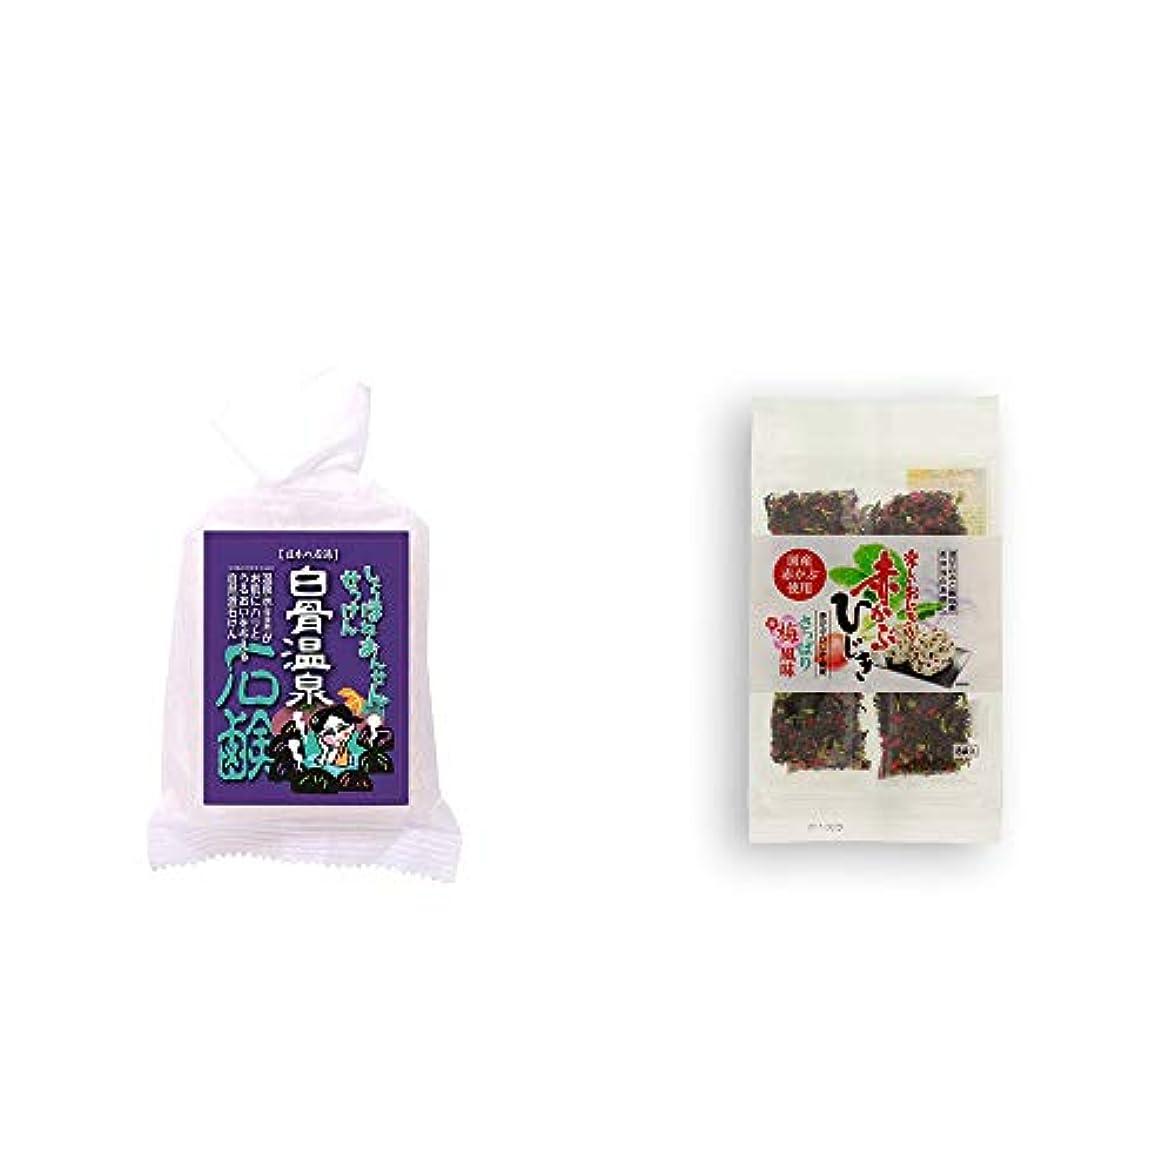 何十人も問い合わせ好戦的な[2点セット] 信州 白骨温泉石鹸(80g)?楽しいおにぎり 赤かぶひじき(8g×8袋)